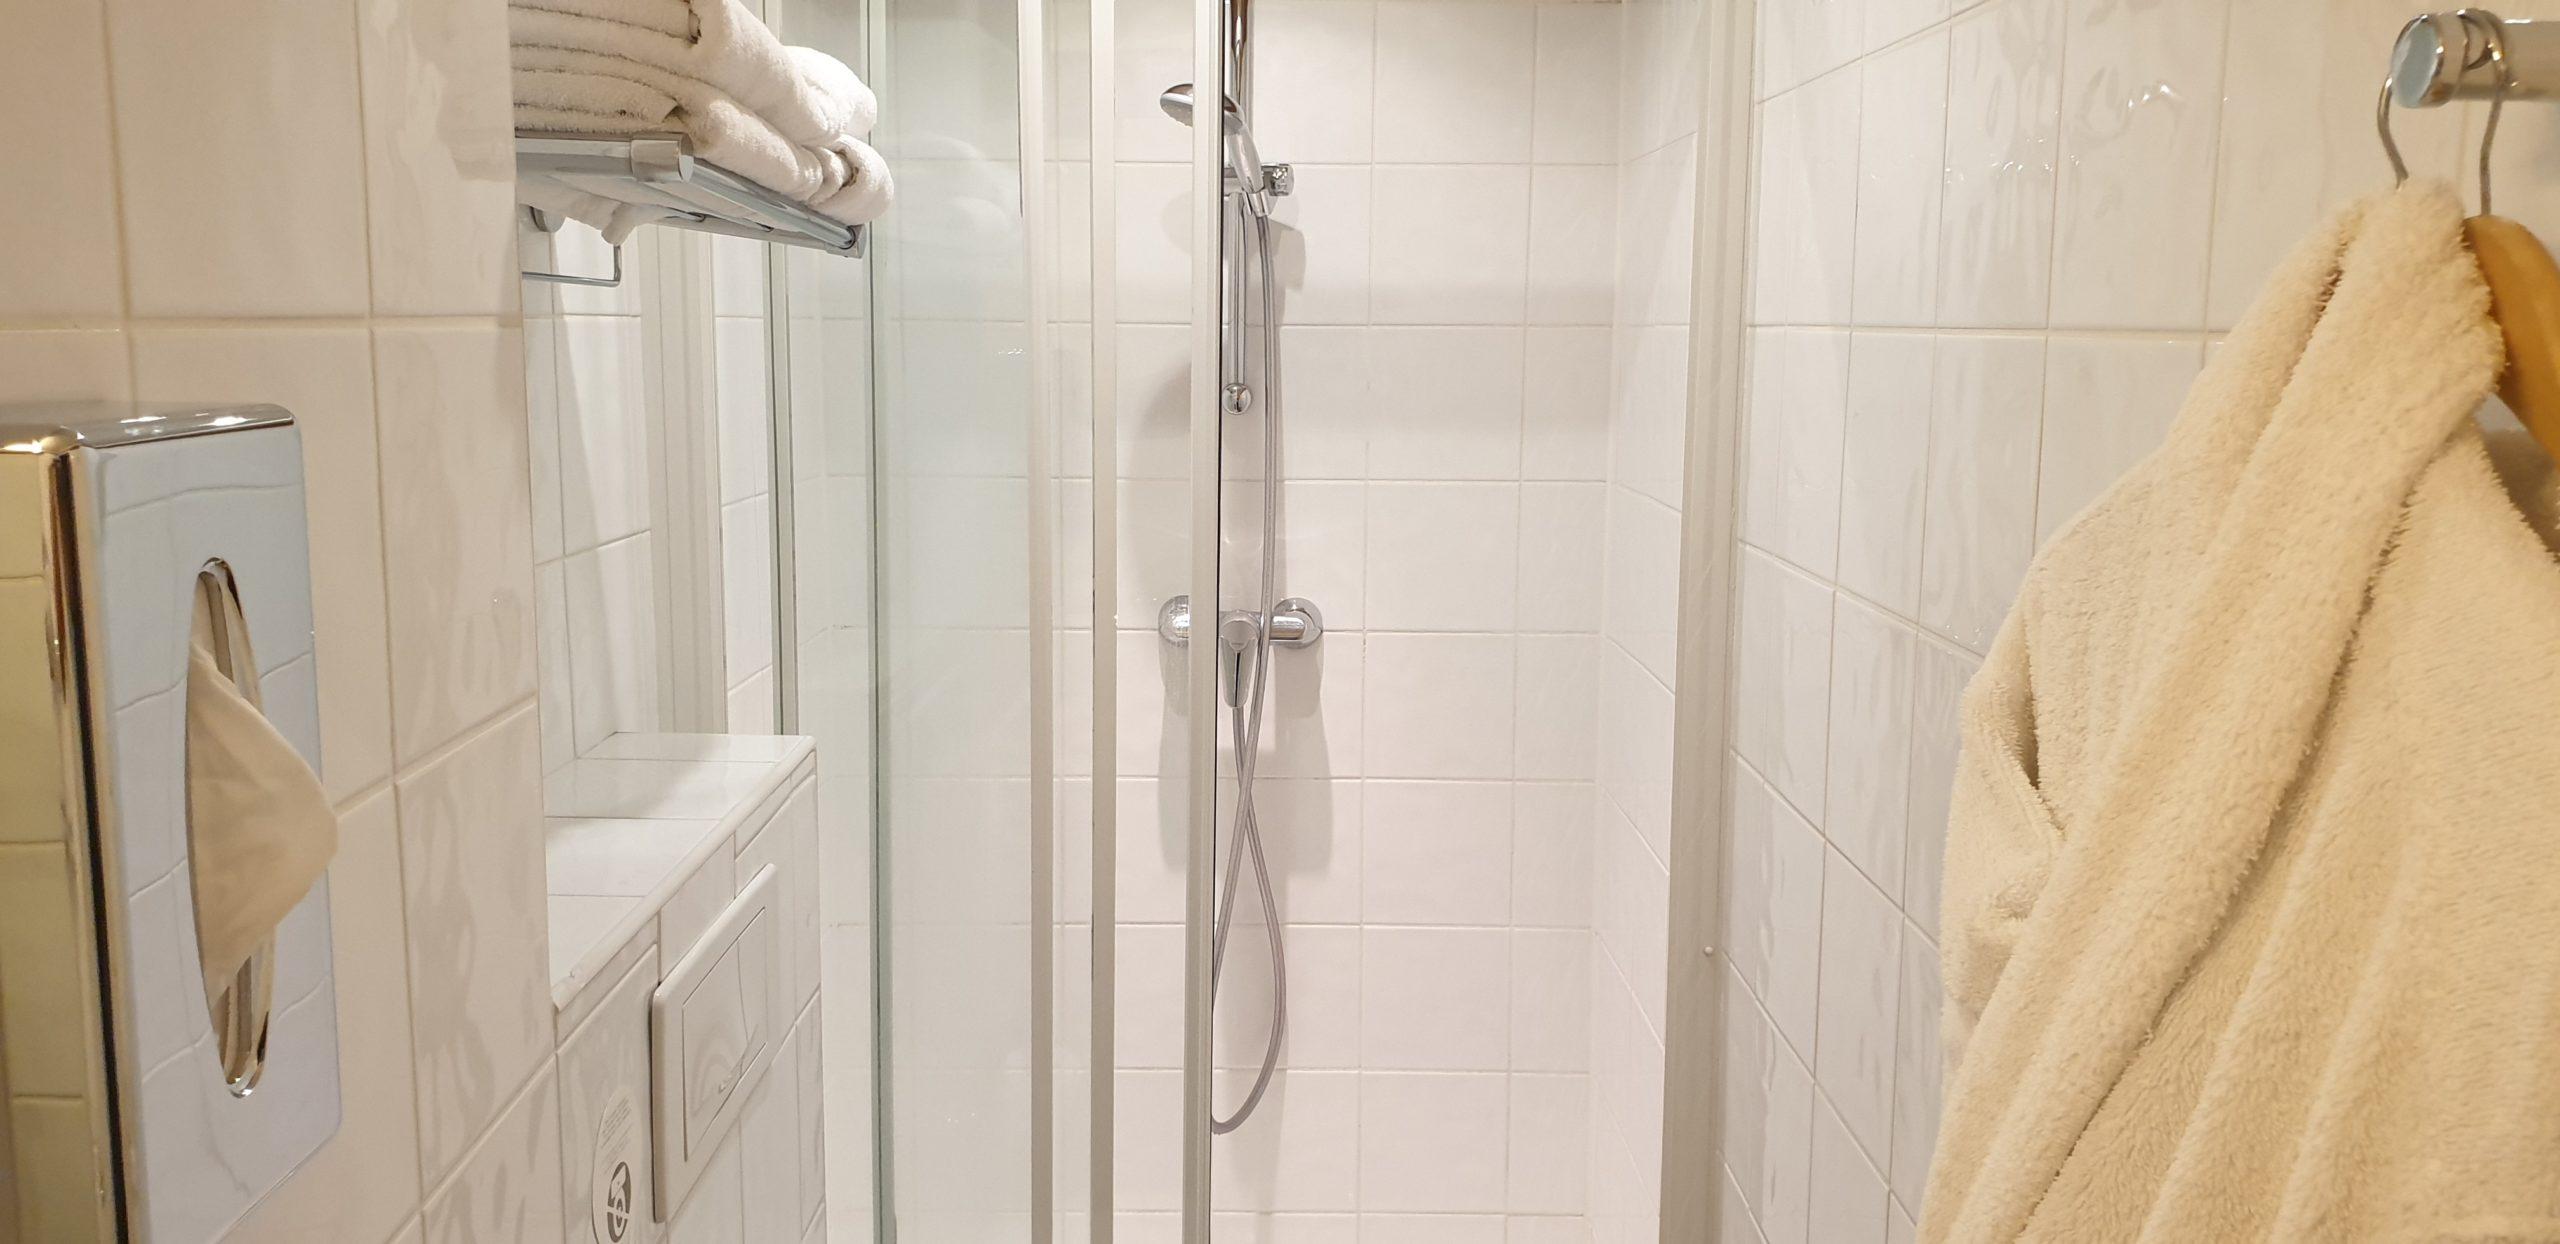 salle de bain triple - star champs-élysées